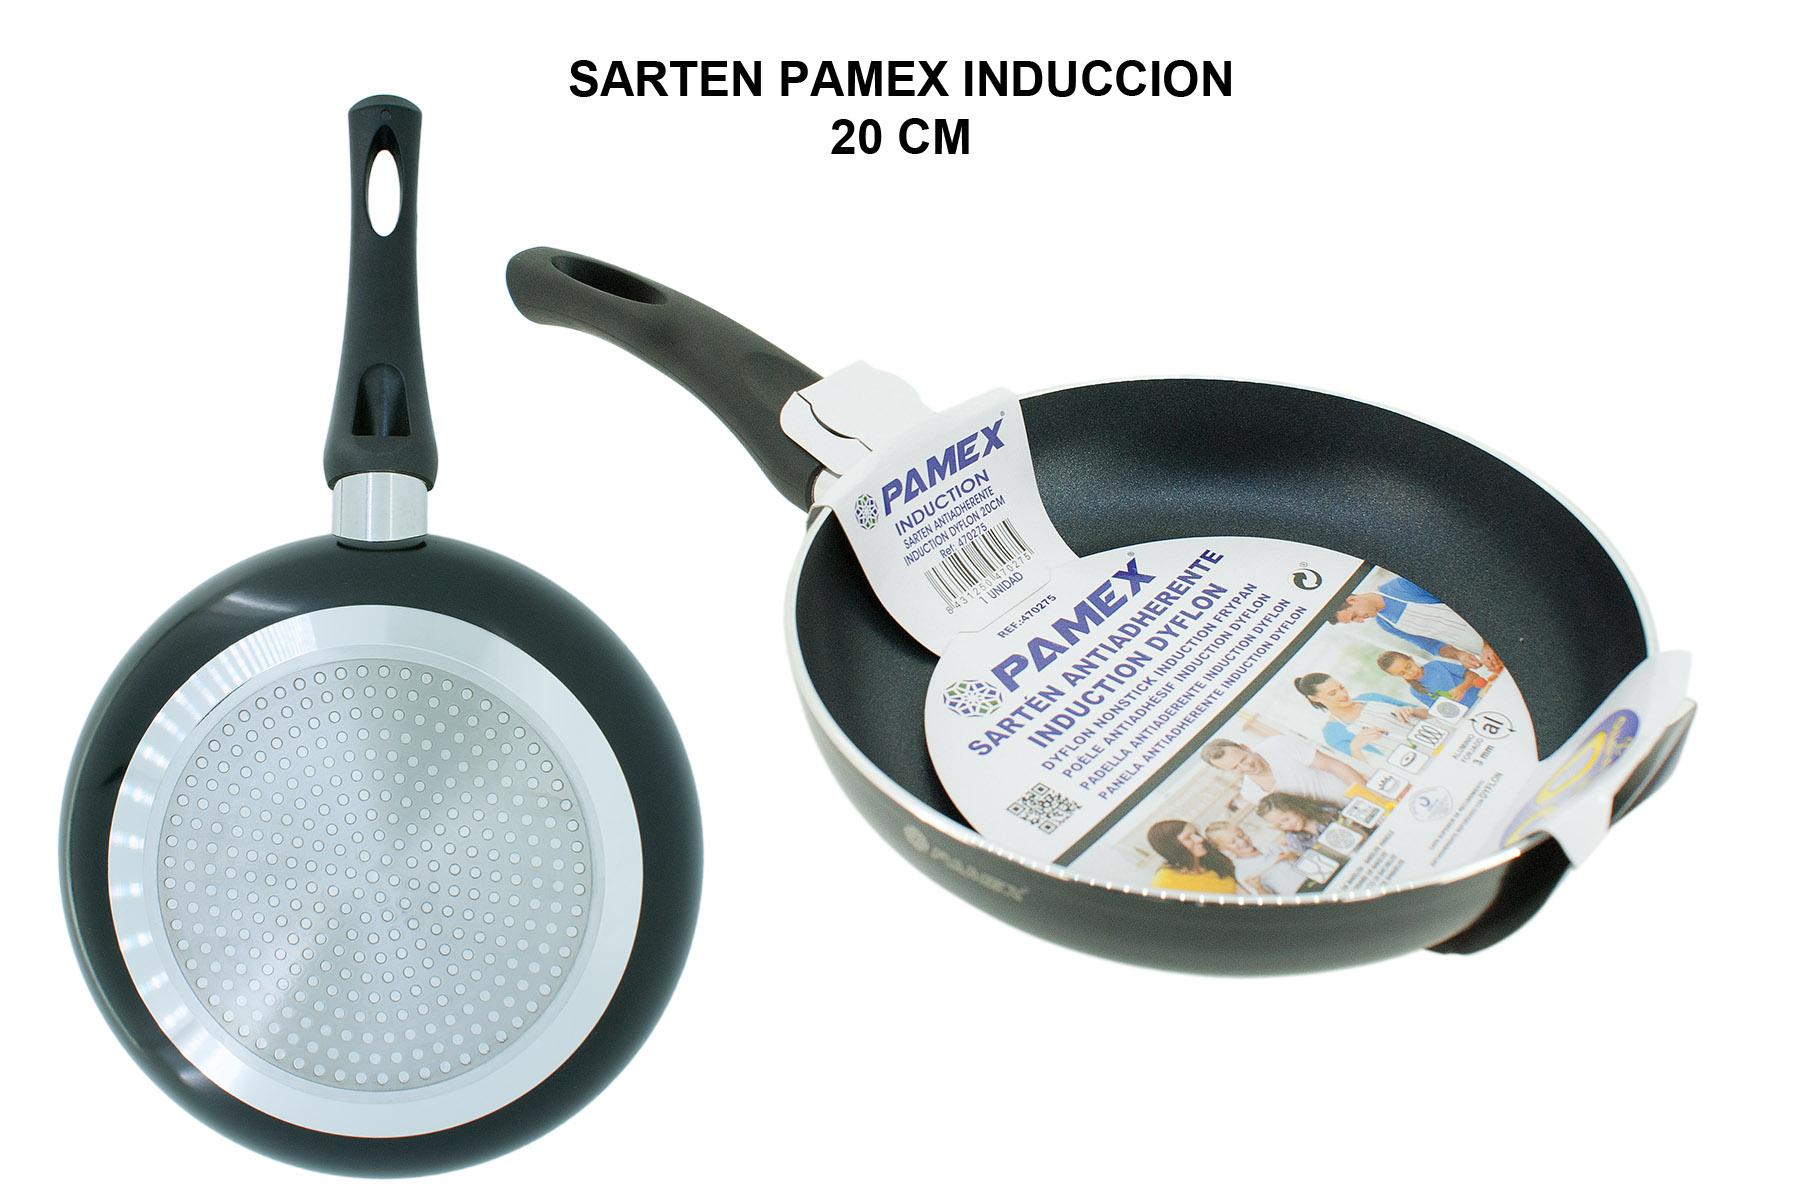 SARTEN PAMEX INDUCCION 20 CM